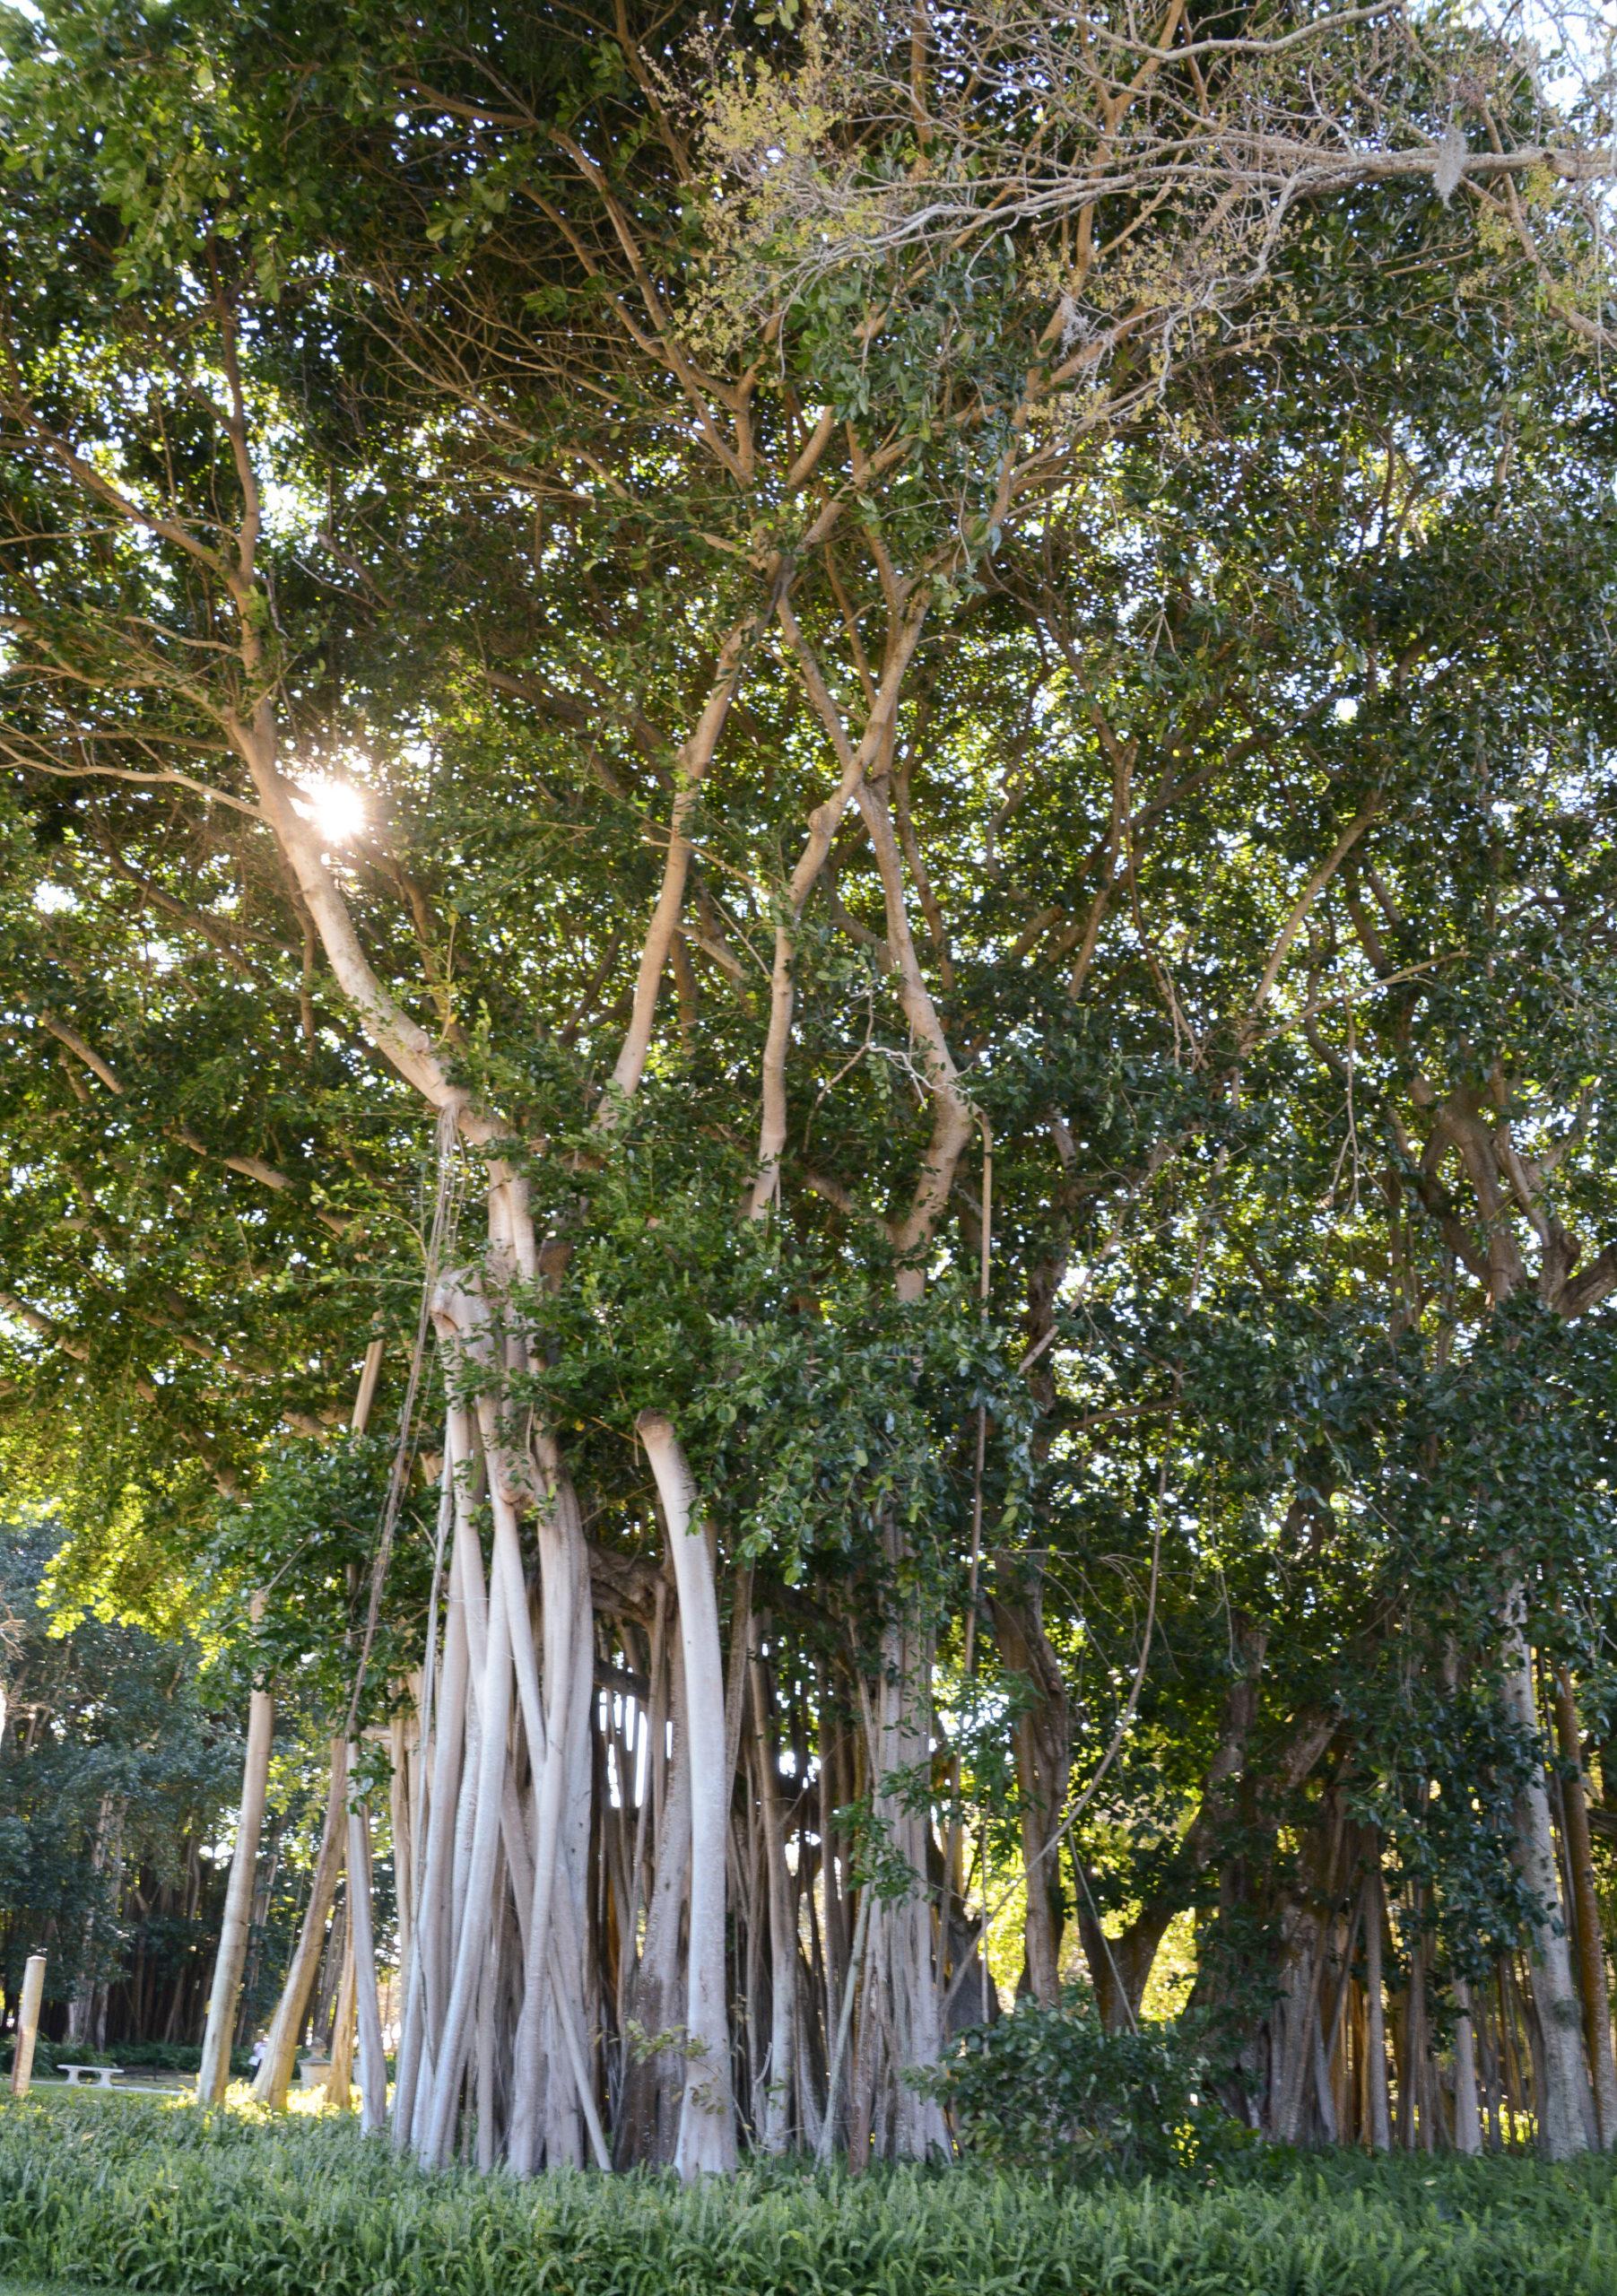 Wanderfeigen im Garten von The Ringling in Sarasota in Florida